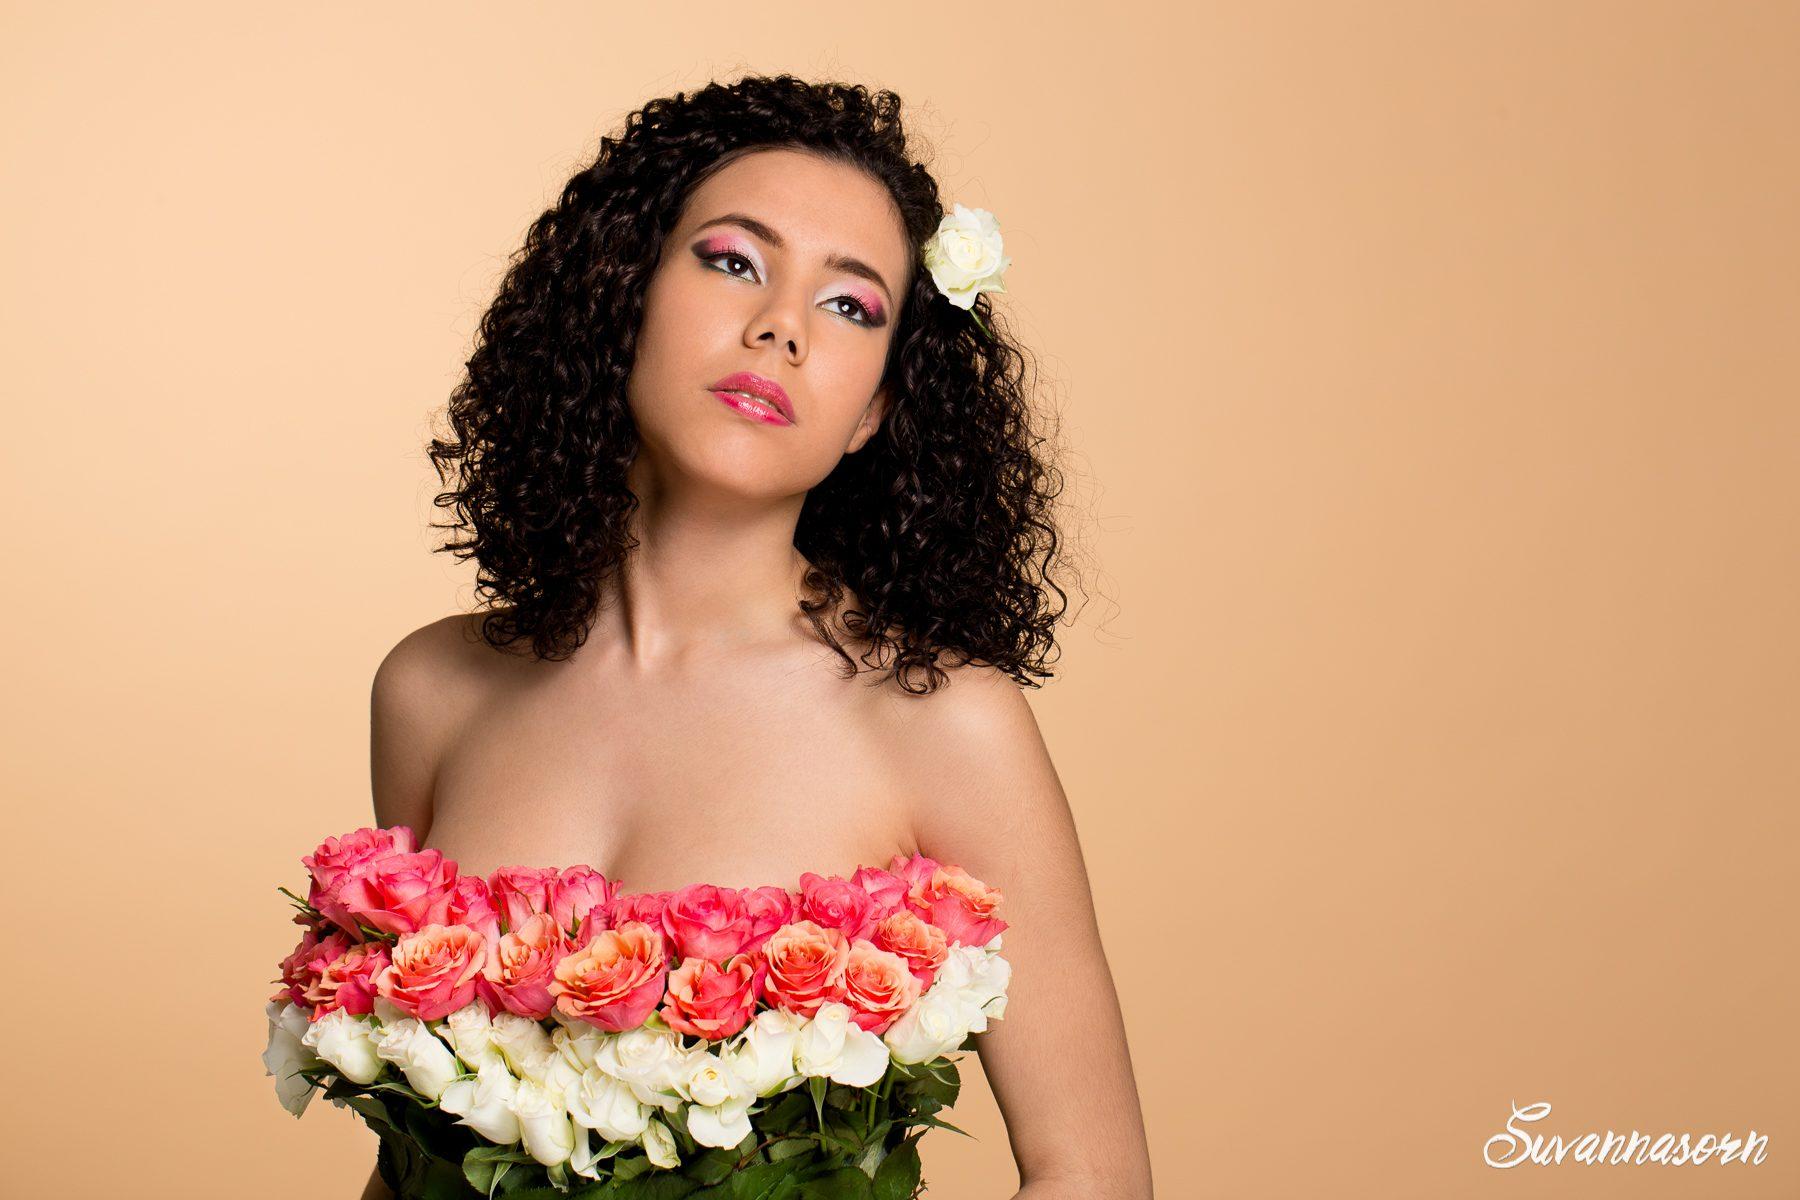 suvannasorn maquillage beauté femme genève maquilleuse artiste photographe fleurs